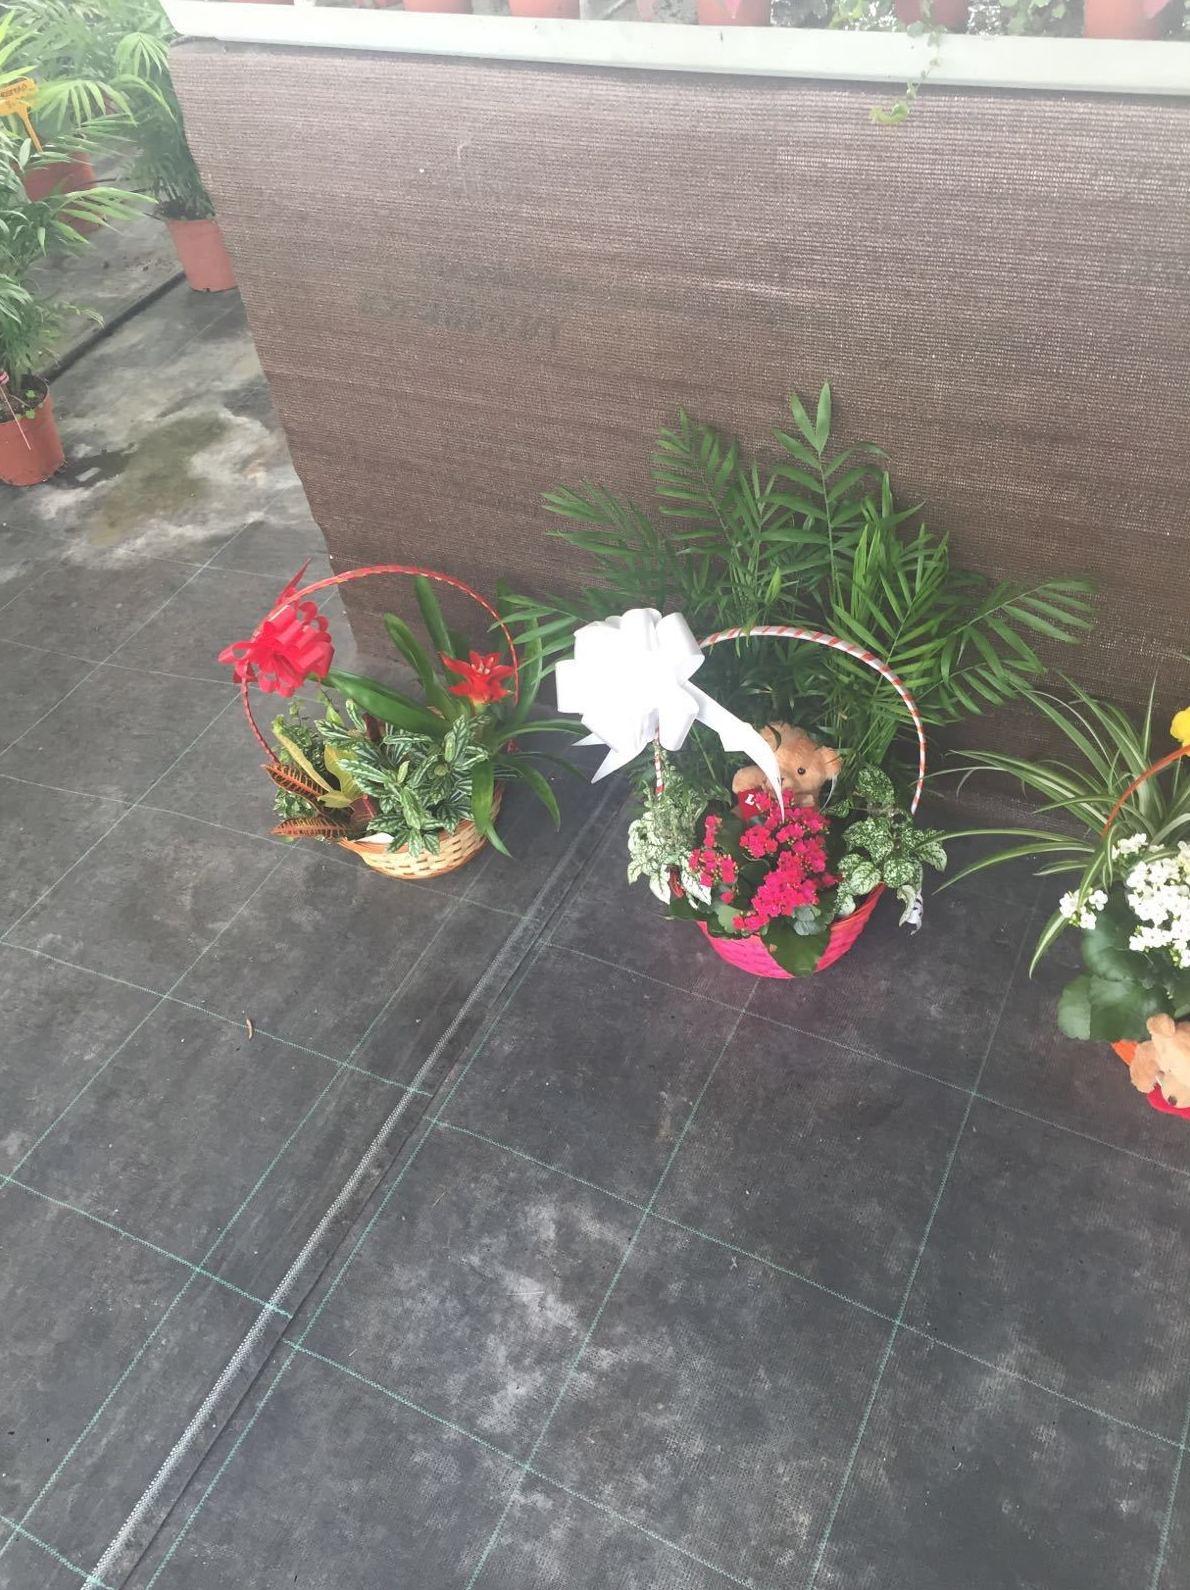 Venta de centros de flores decorativos